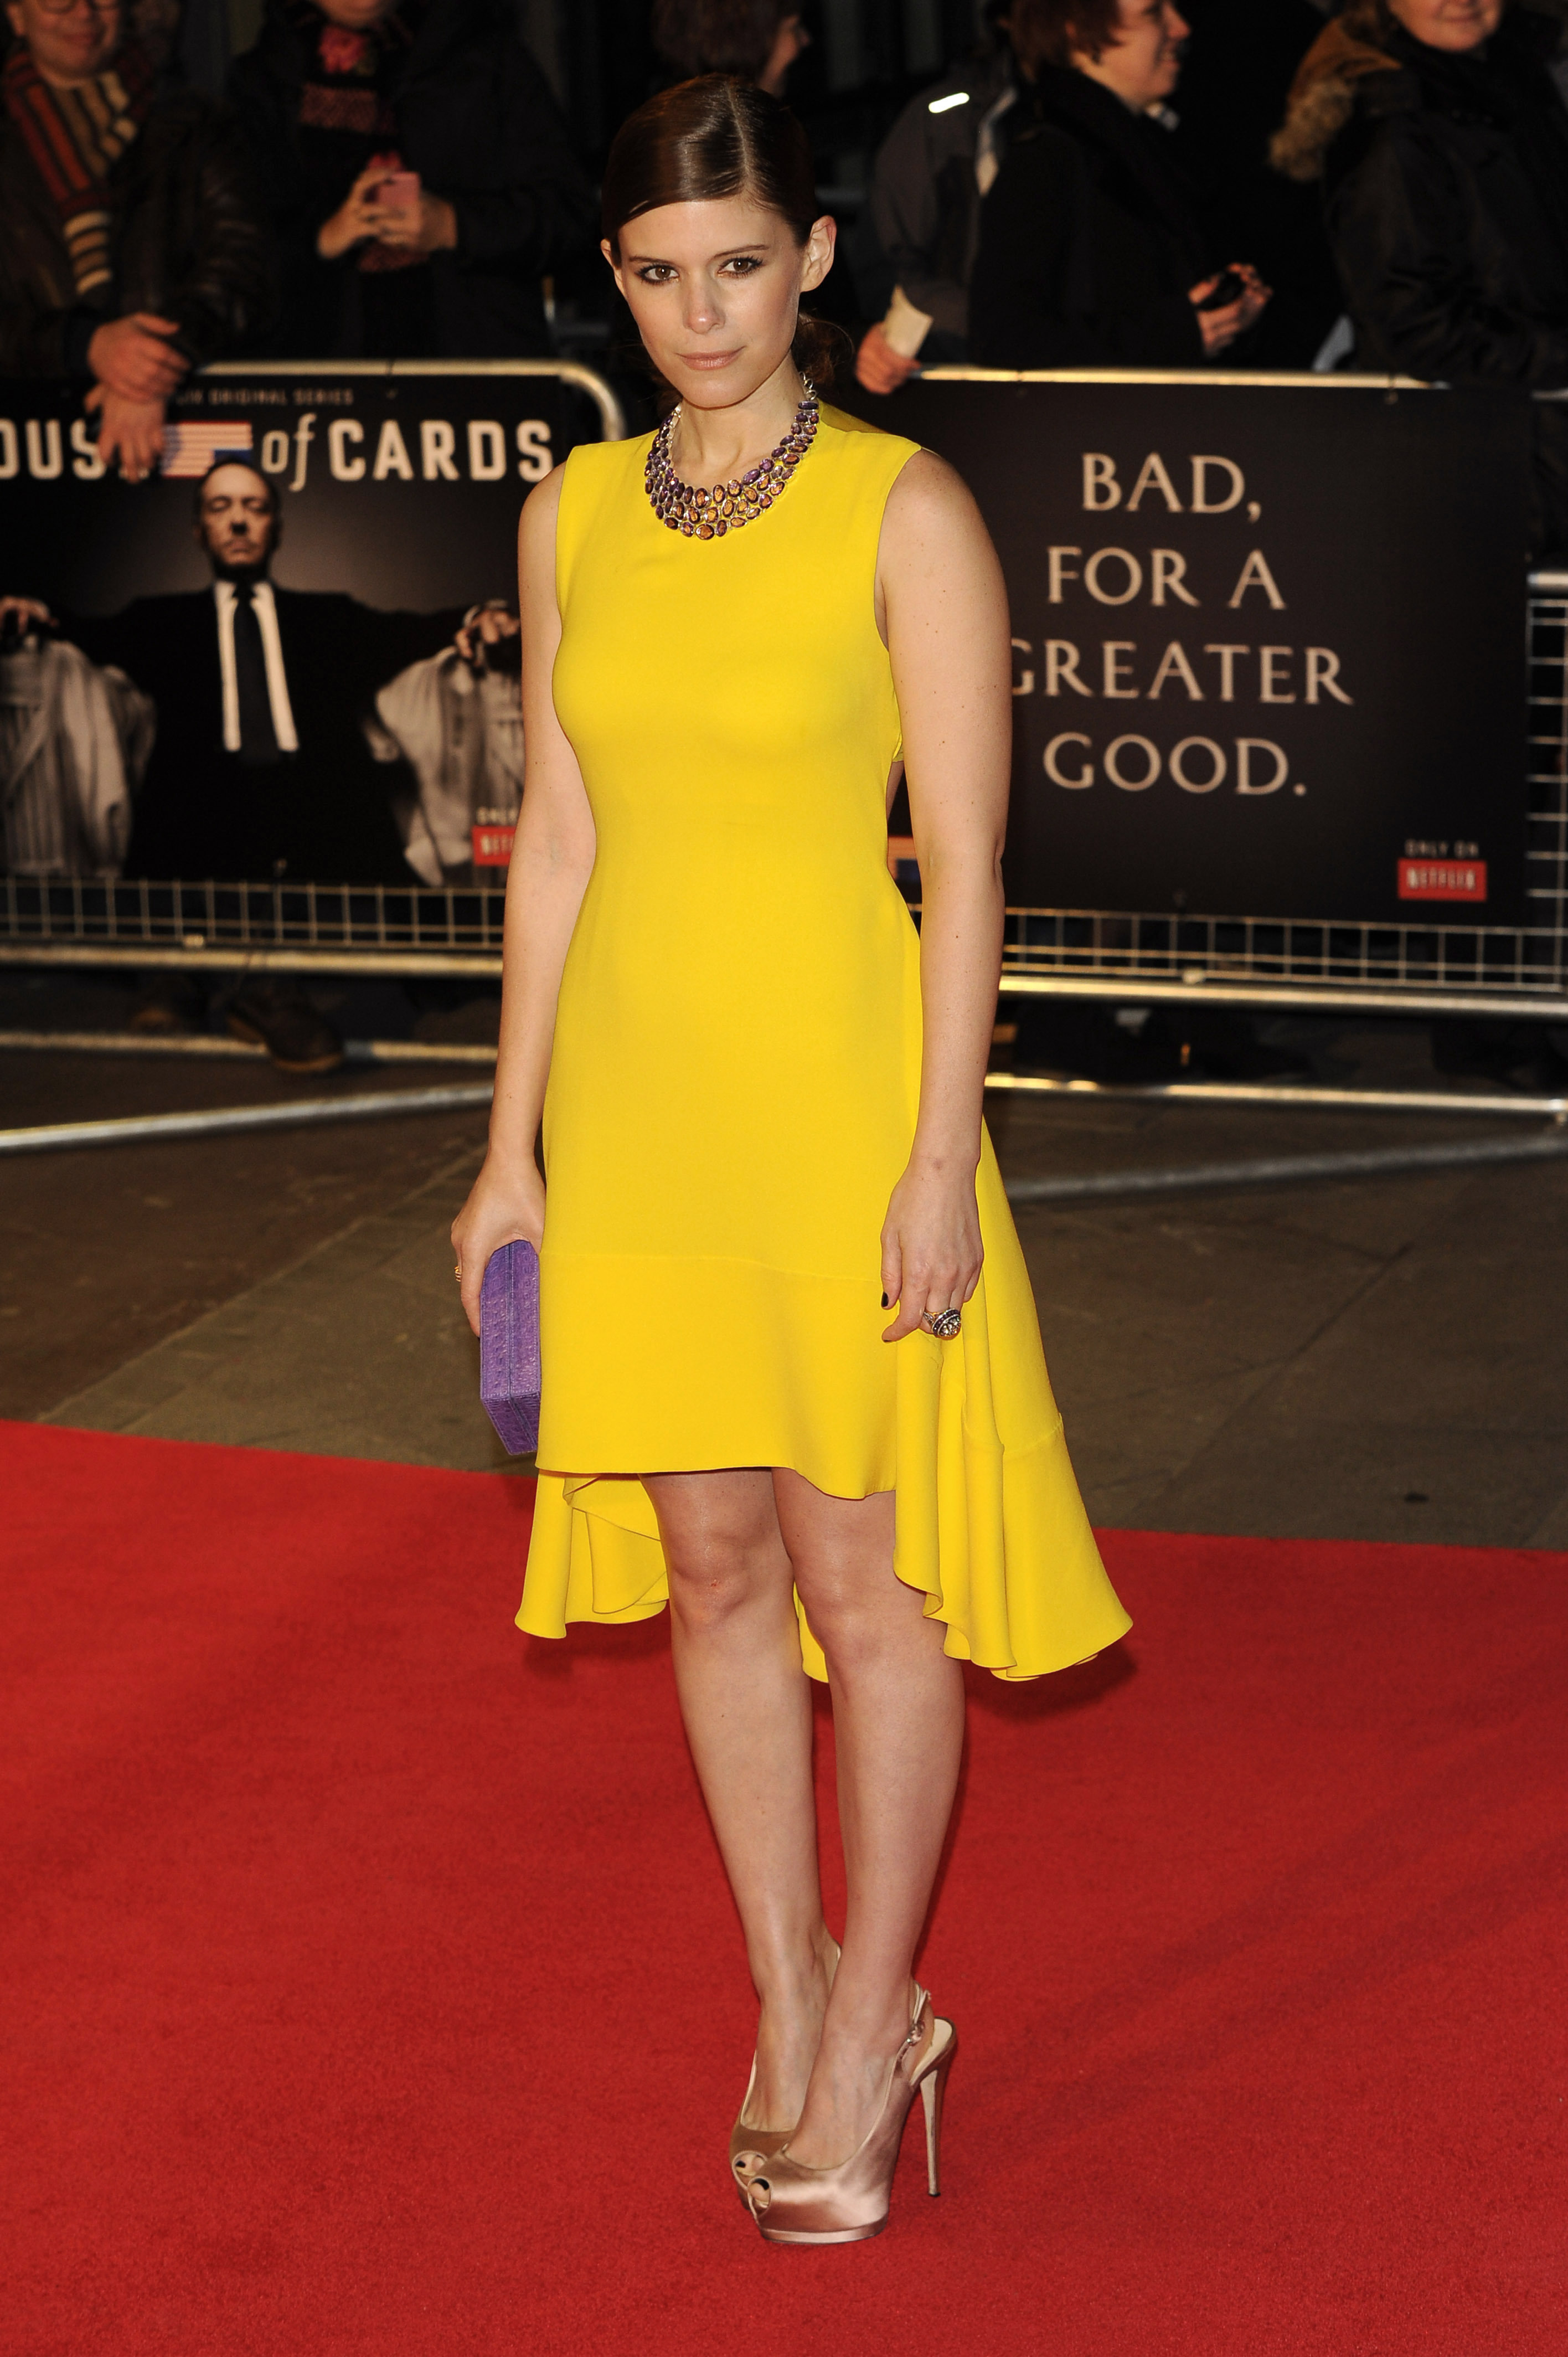 Kate Mara wearing yellow